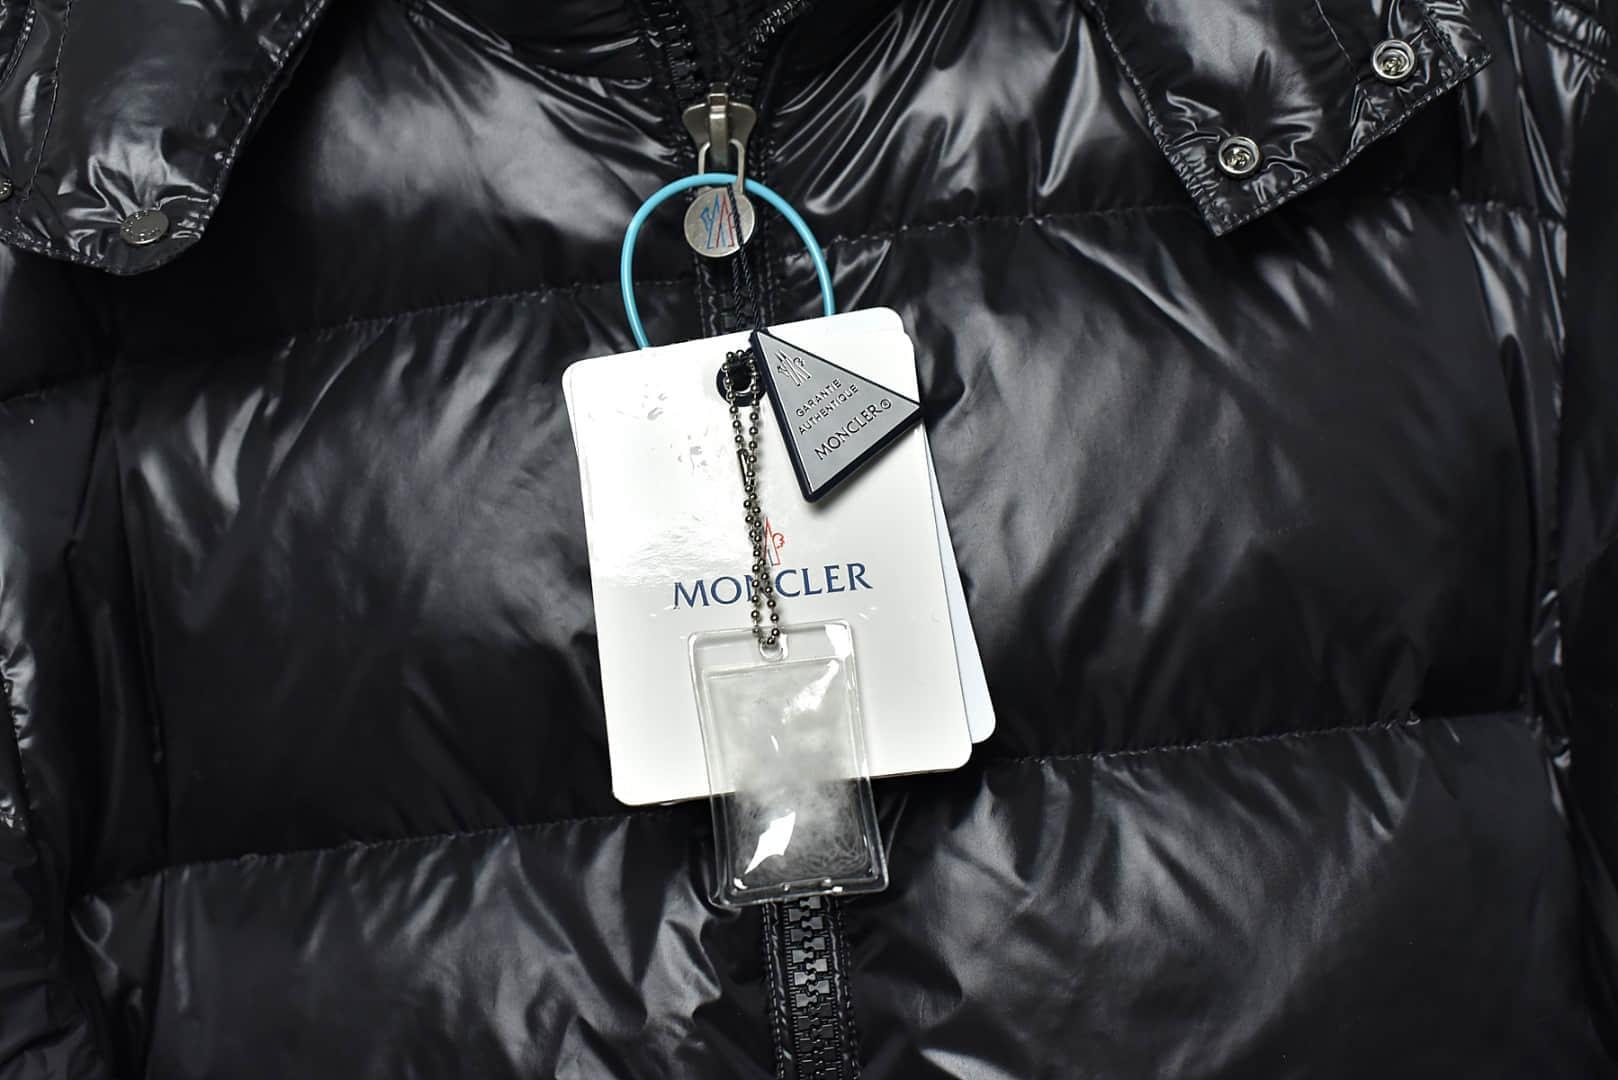 陈奕迅同款羽绒服 蒙口黑色羽绒服陈奕迅同款 Moncler蒙口 莆田蒙口顶级复刻一比一还原正品-潮流者之家